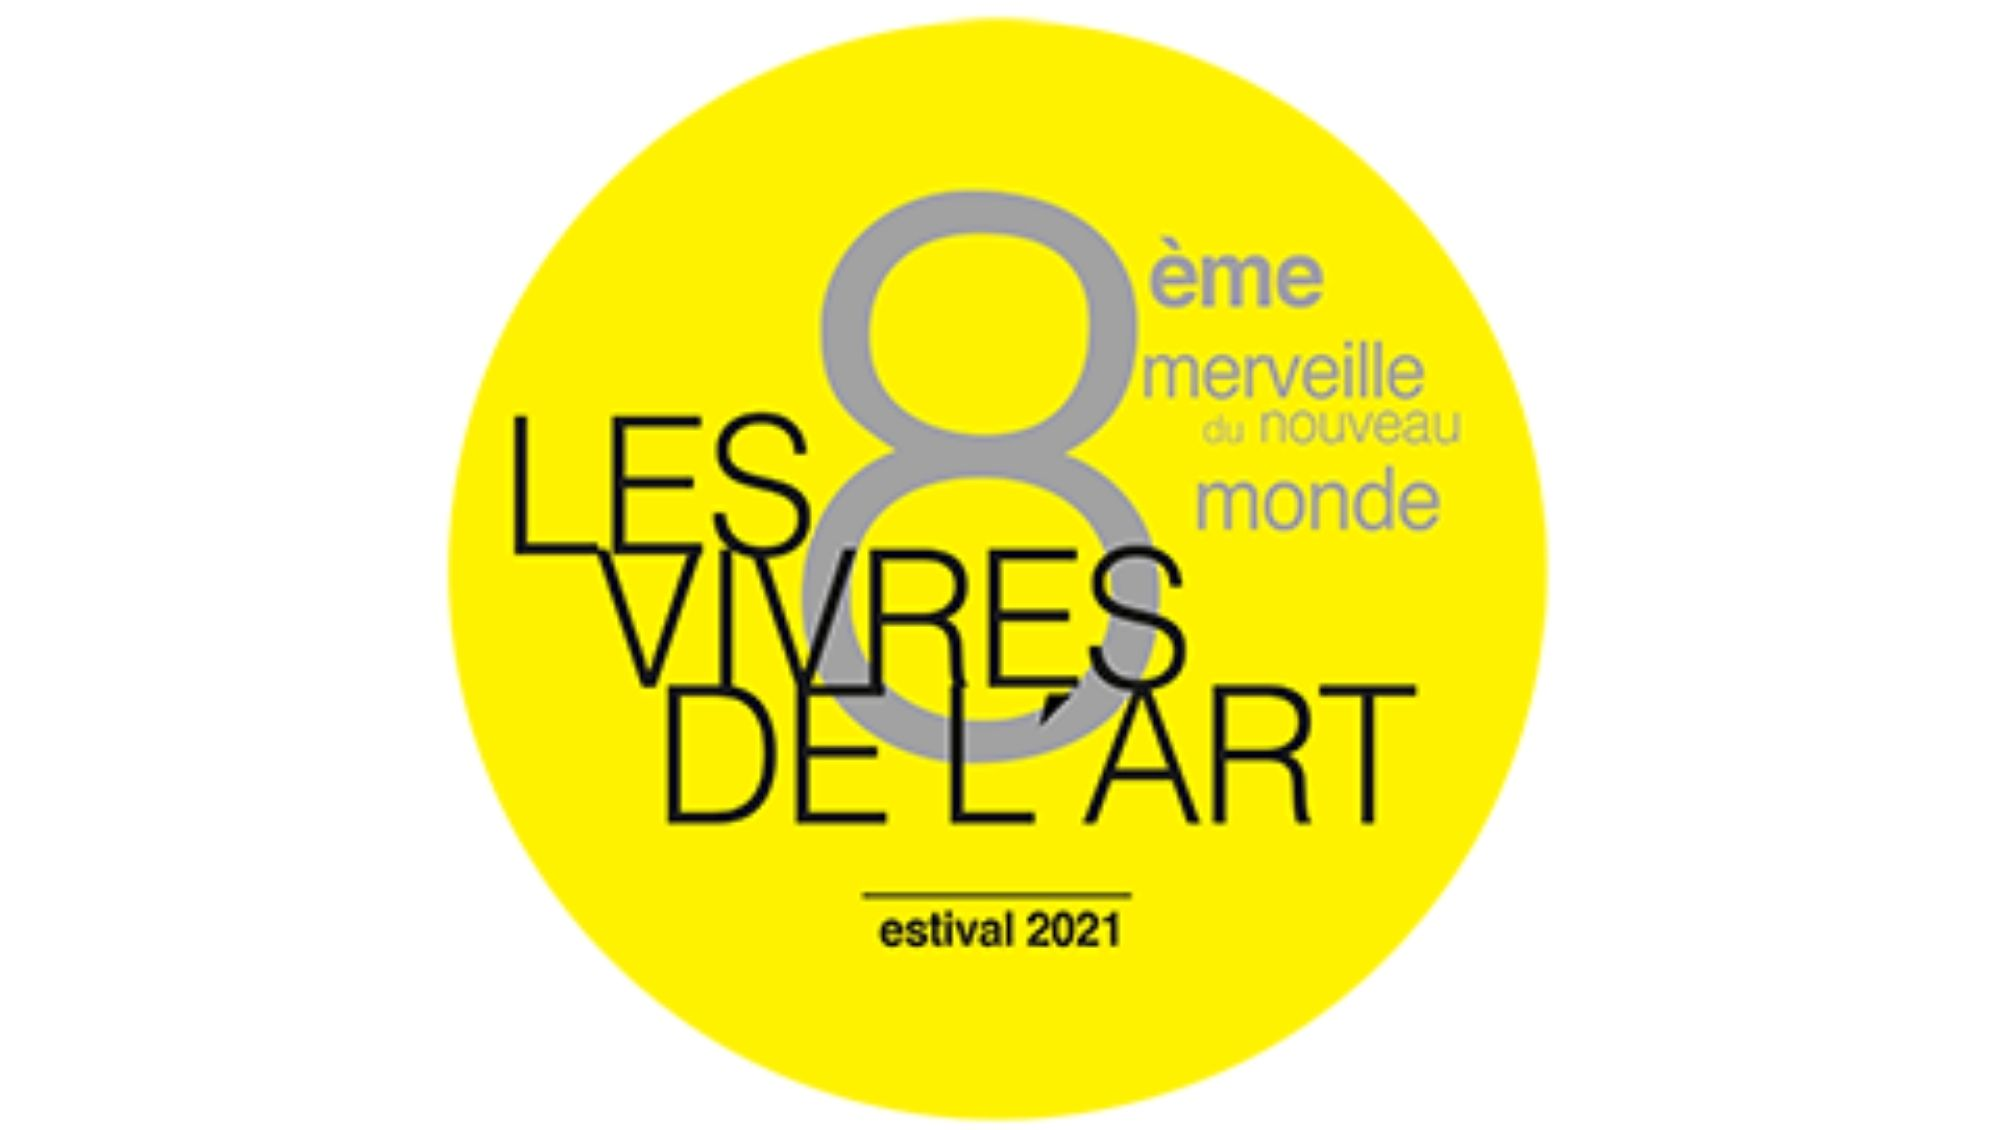 Exposition 8ème Merveille du Nouveau Monde   Les Vivres de l'Art